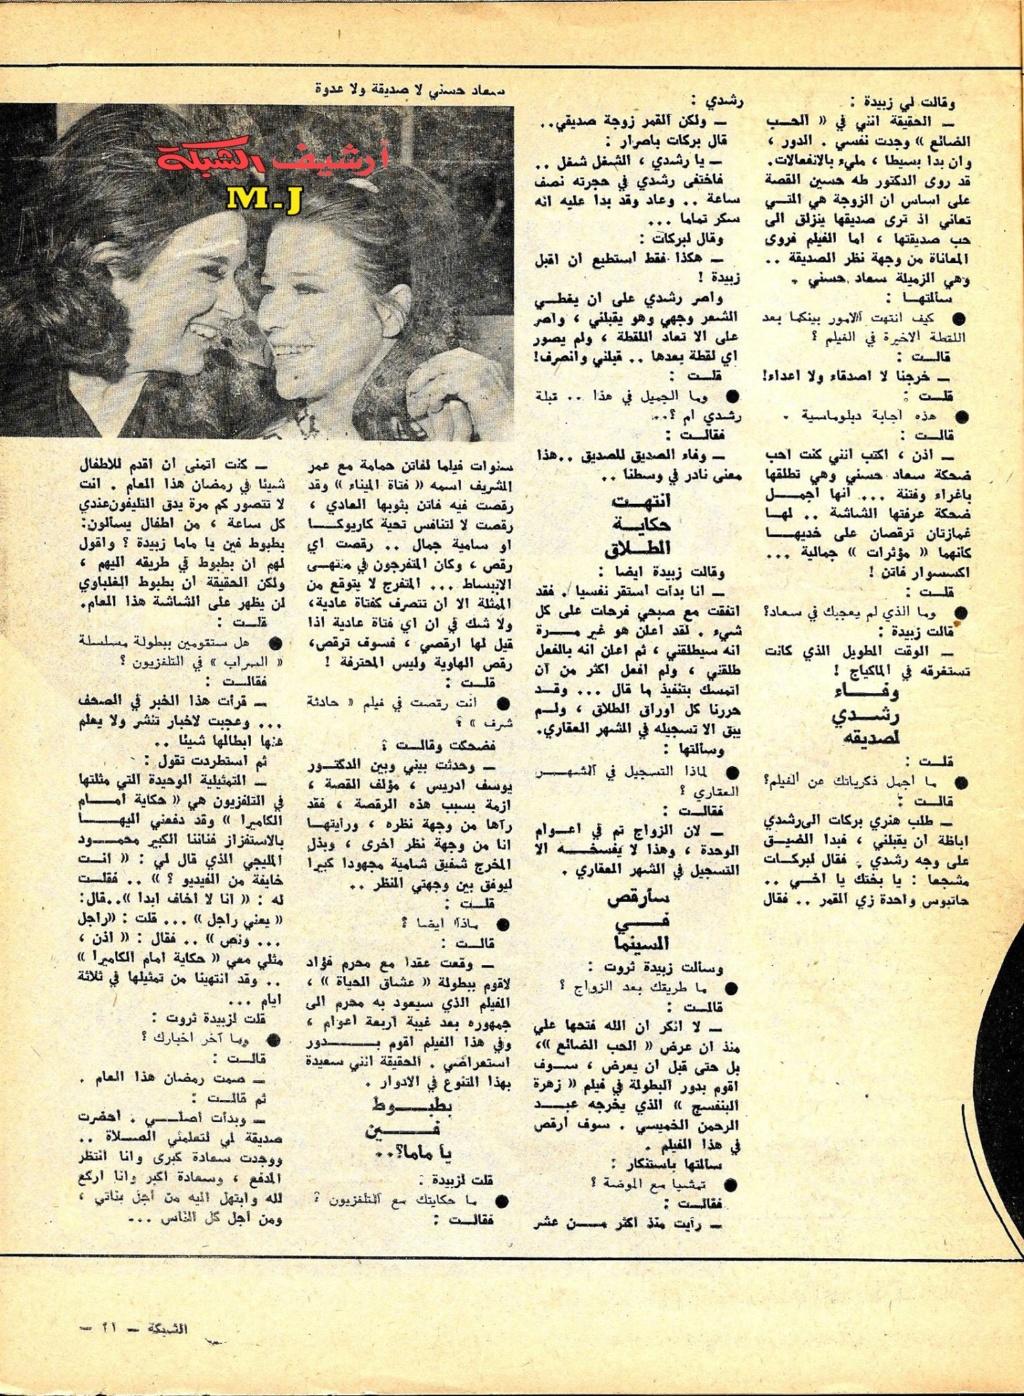 فاتن - حوار صحفي : فاتن حمامة لزبيدة  أنت عظيمة ! 1970 م 214